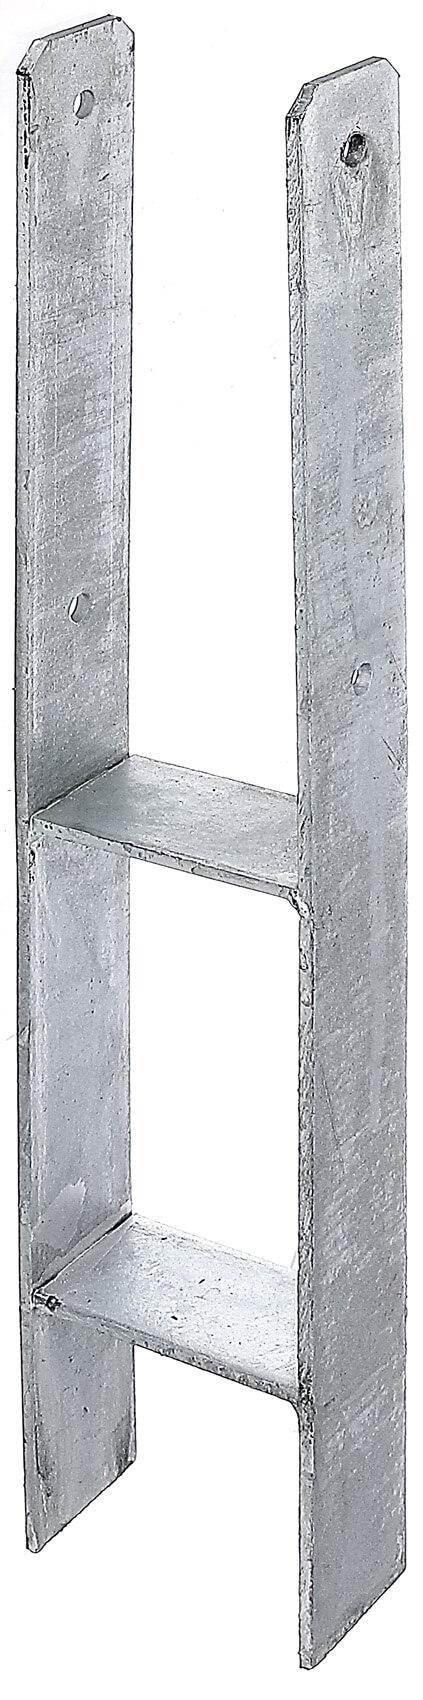 h pfostentr ger typ365v feuerverzinkt zum einbetonieren 101x600 6. Black Bedroom Furniture Sets. Home Design Ideas